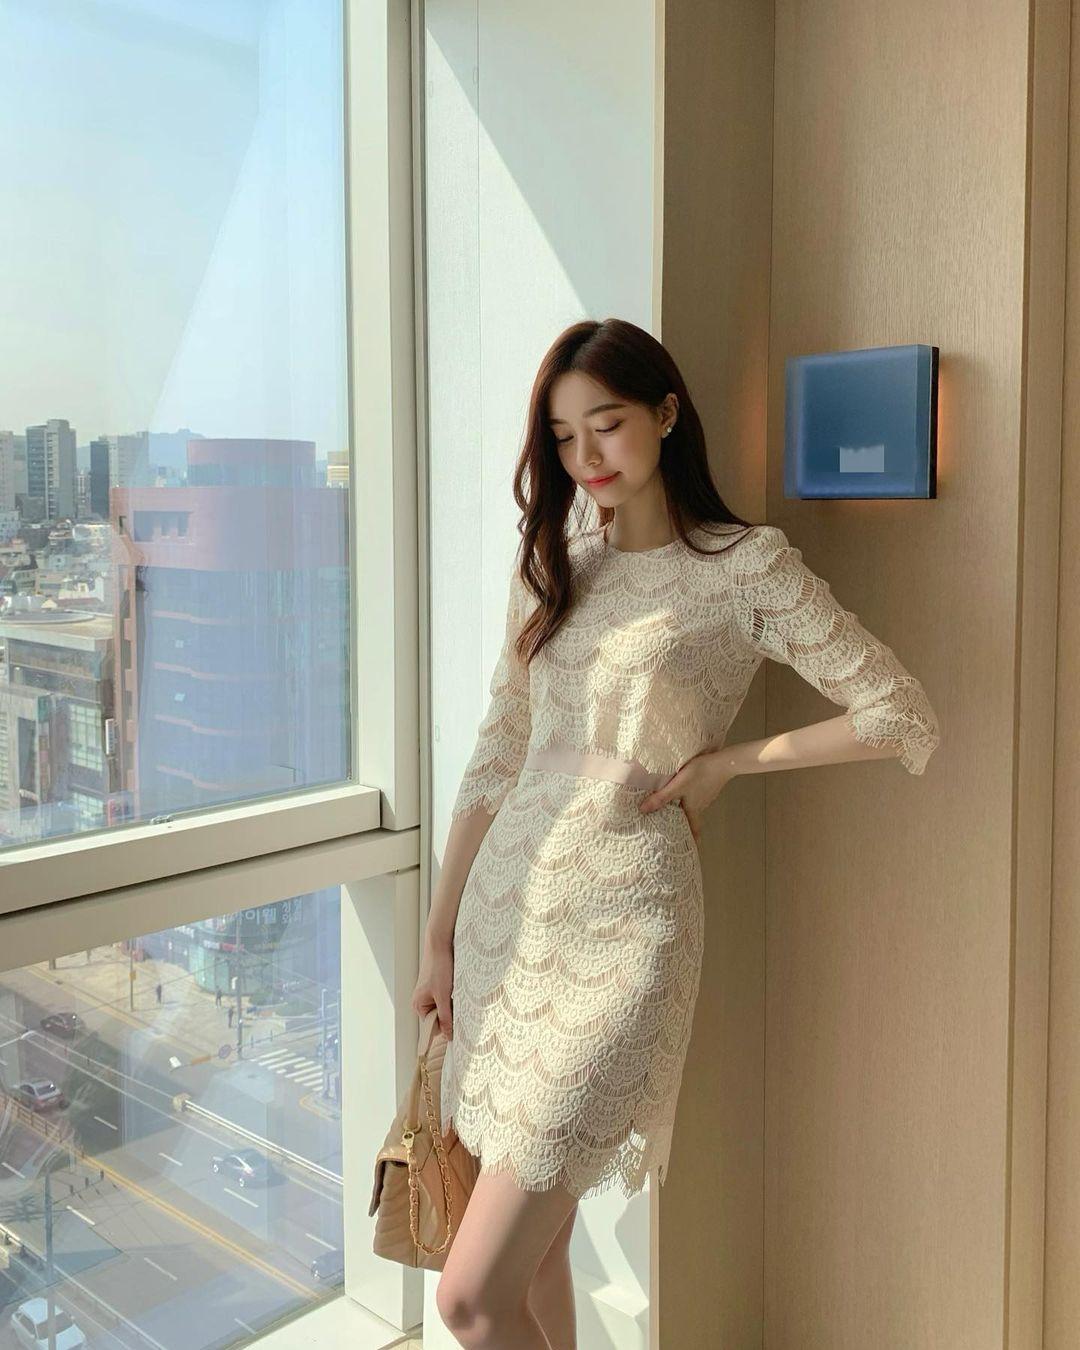 Diện váy trắng là trẻ xinh nhất, nhưng nhìn bộ váy mà Yoona diện thì nên suy nghĩ lại - Ảnh 4